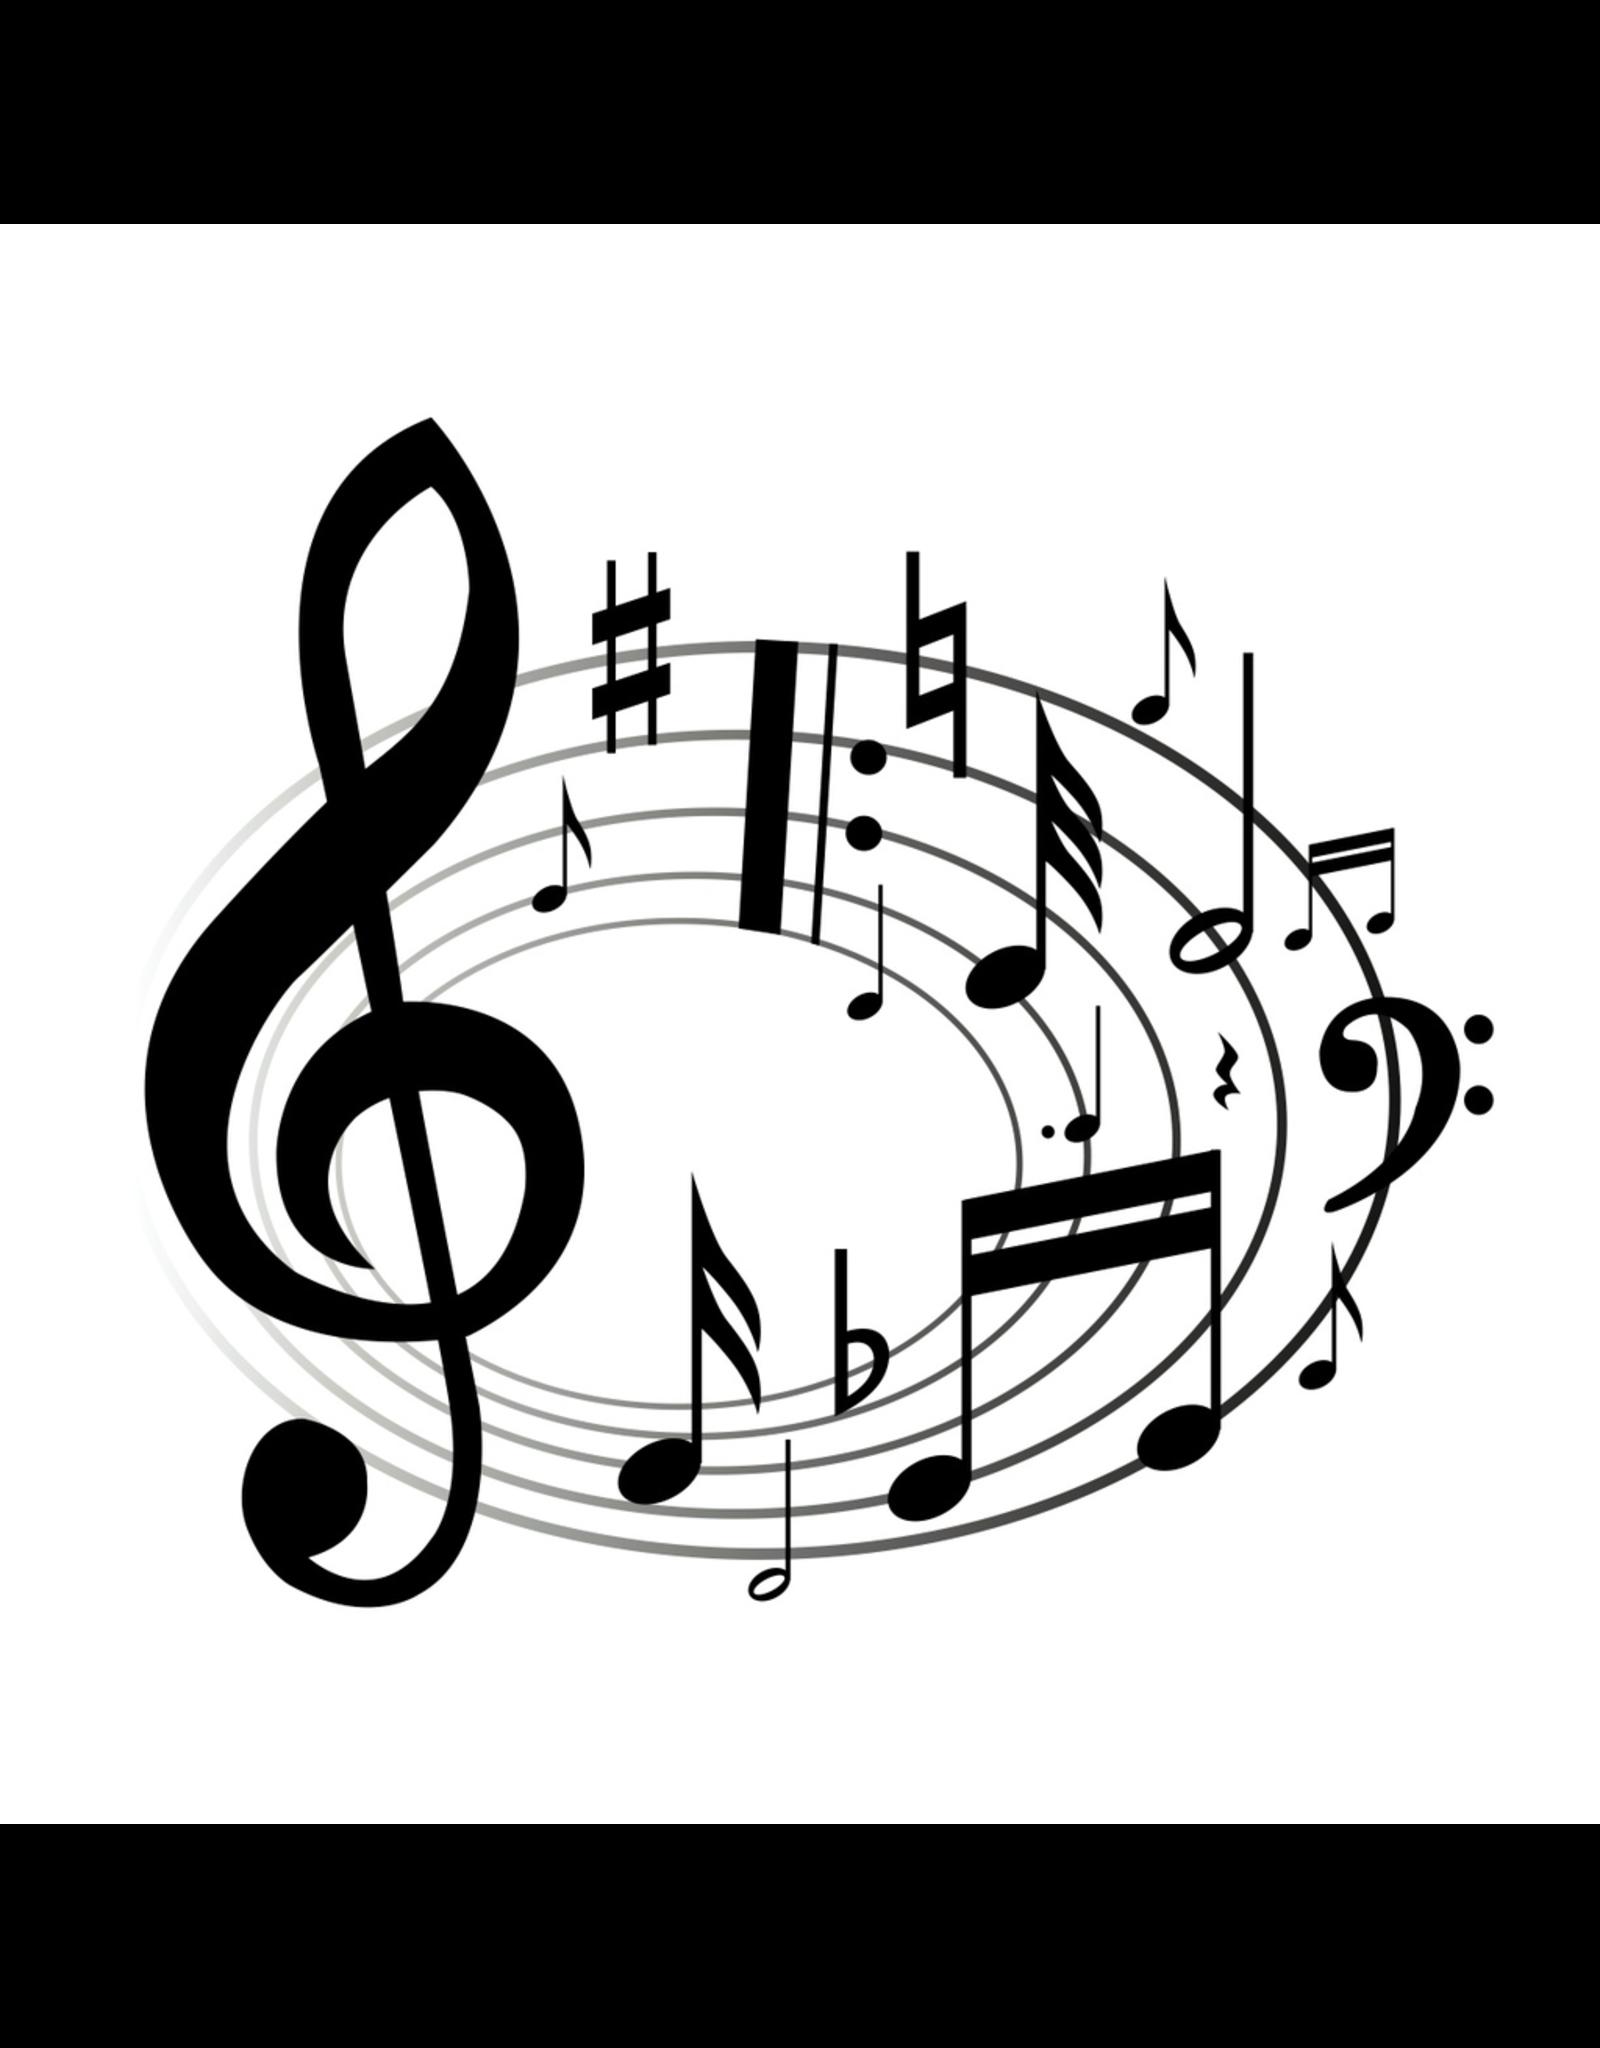 Bountiful Music GOTTASINGJR B